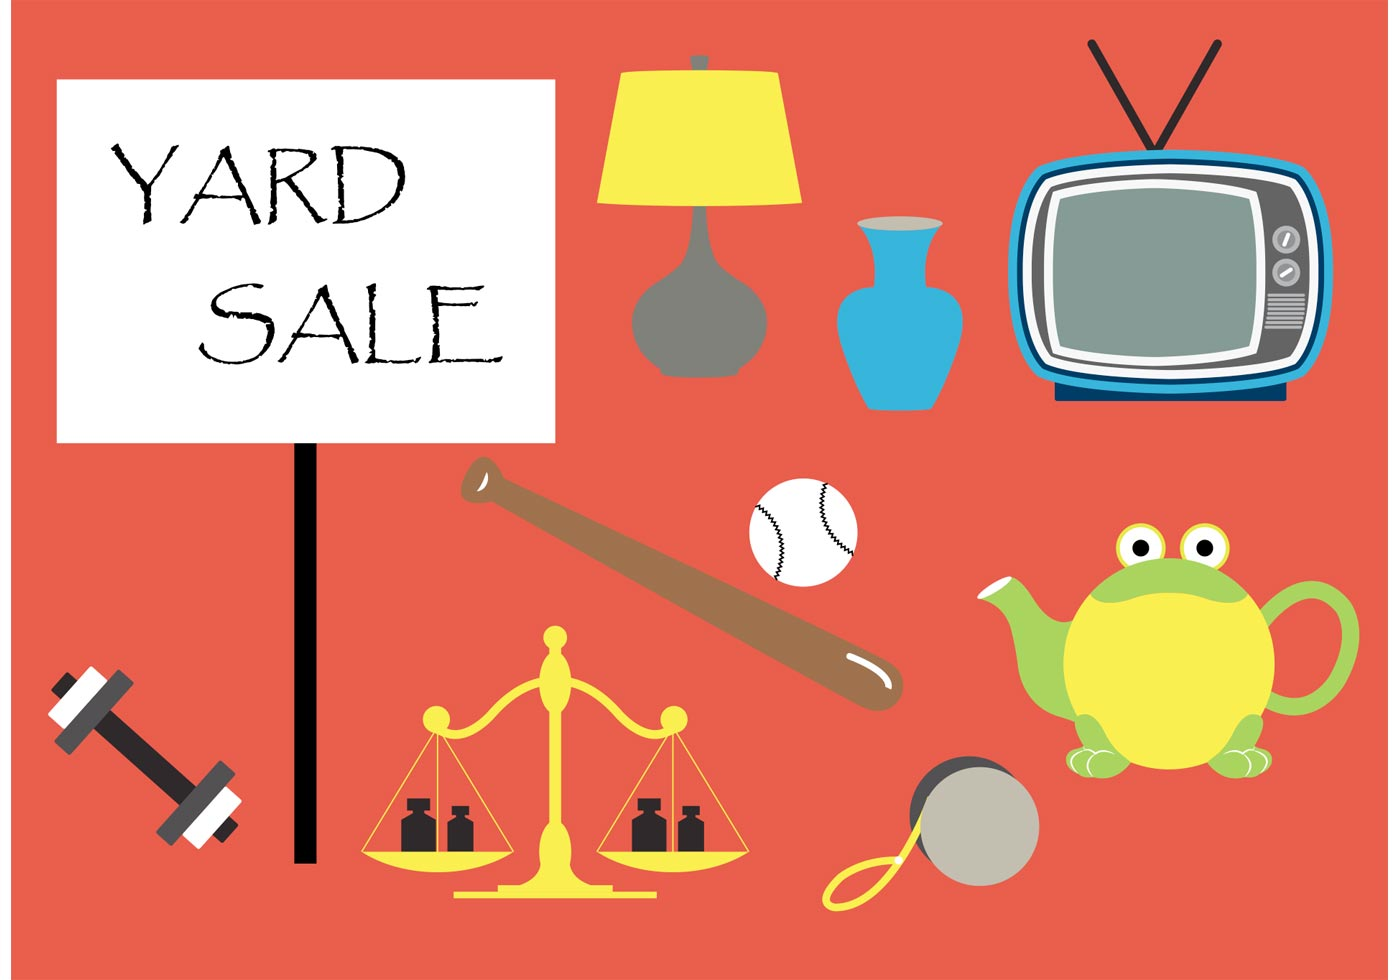 Yard Sale Vector Elements Download Free Vector Art